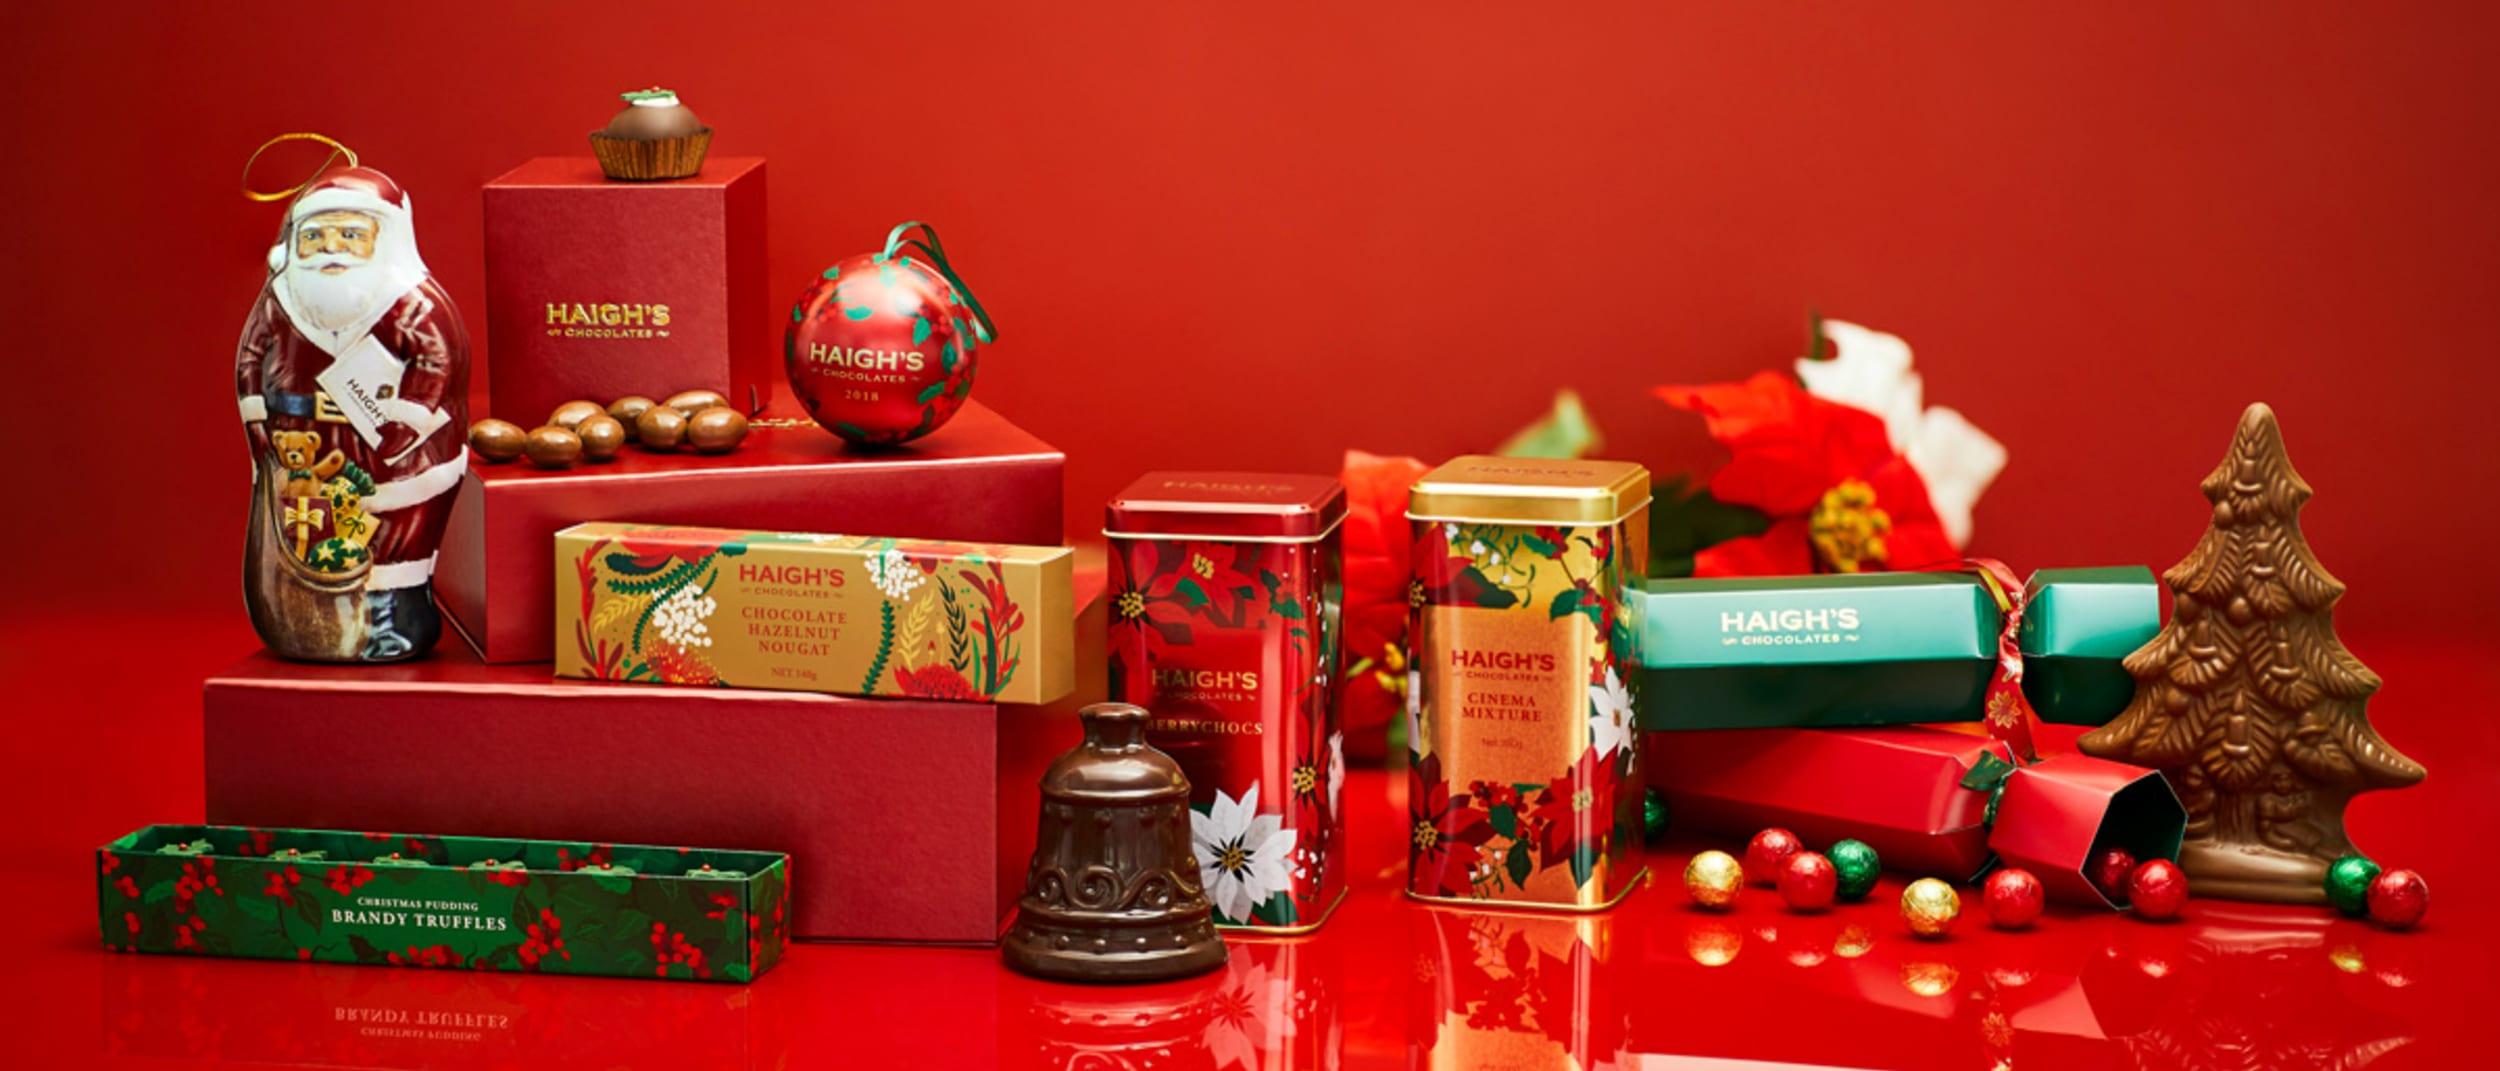 Haigh's Chocolates: Christmas collection